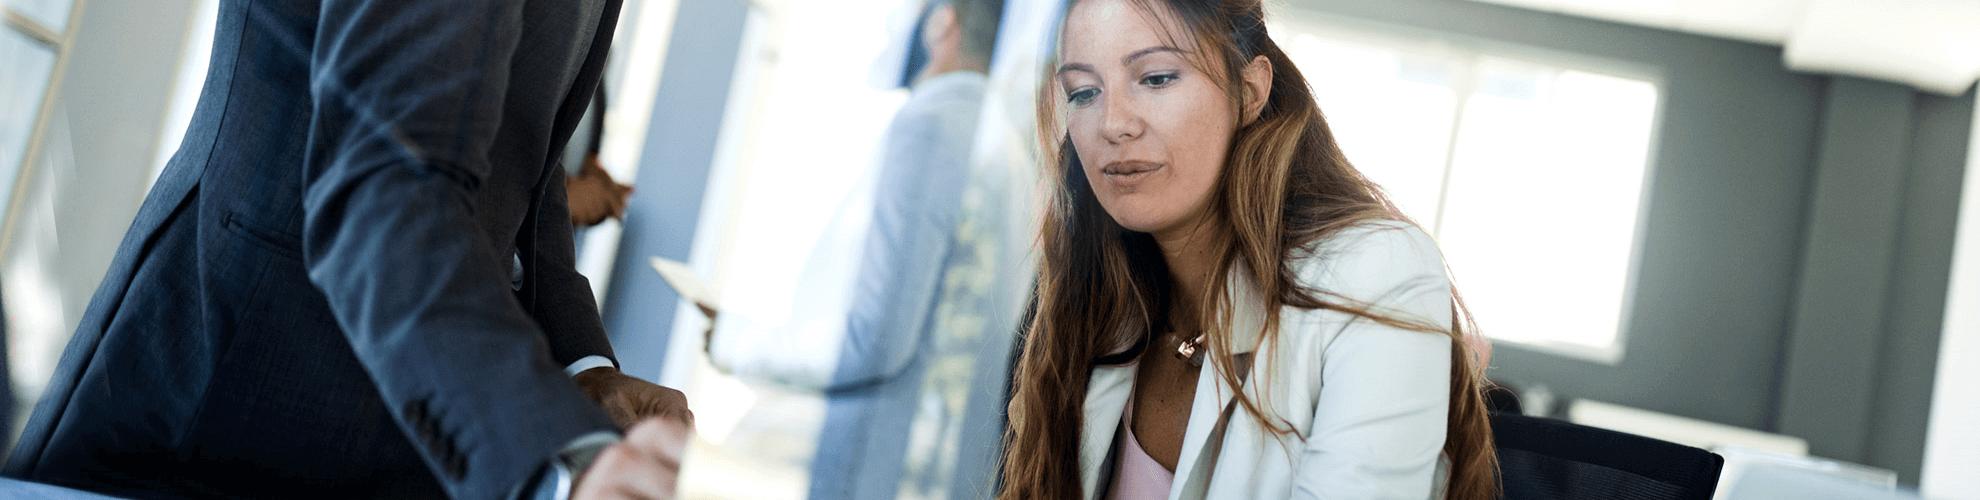 Bilancio 2020: strumenti per la verifica del going concern e l'autodiagnosi del proprio merito di credito.